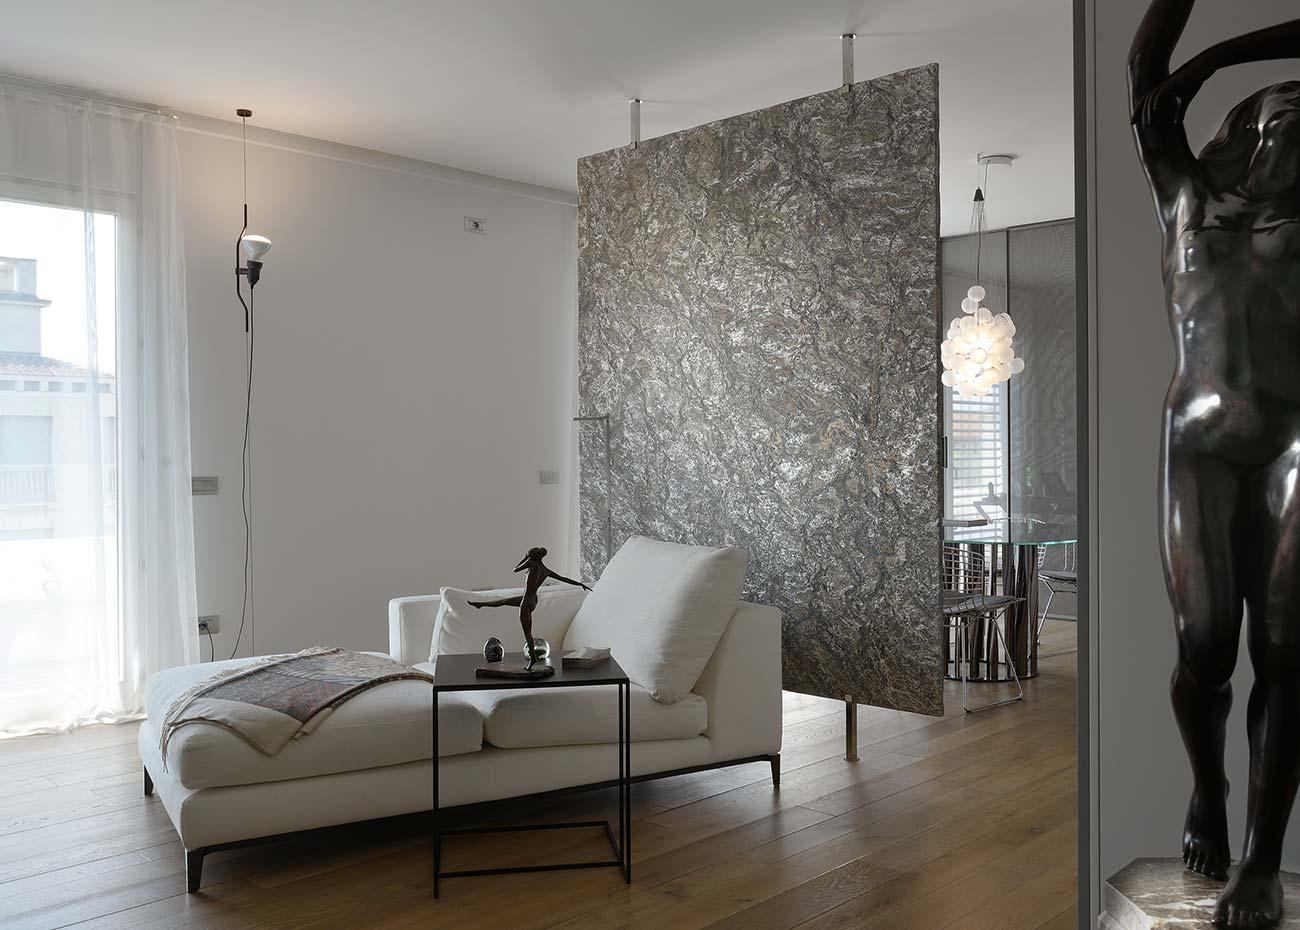 parete-divisoria-in-marmo-brasiliano-metallicus